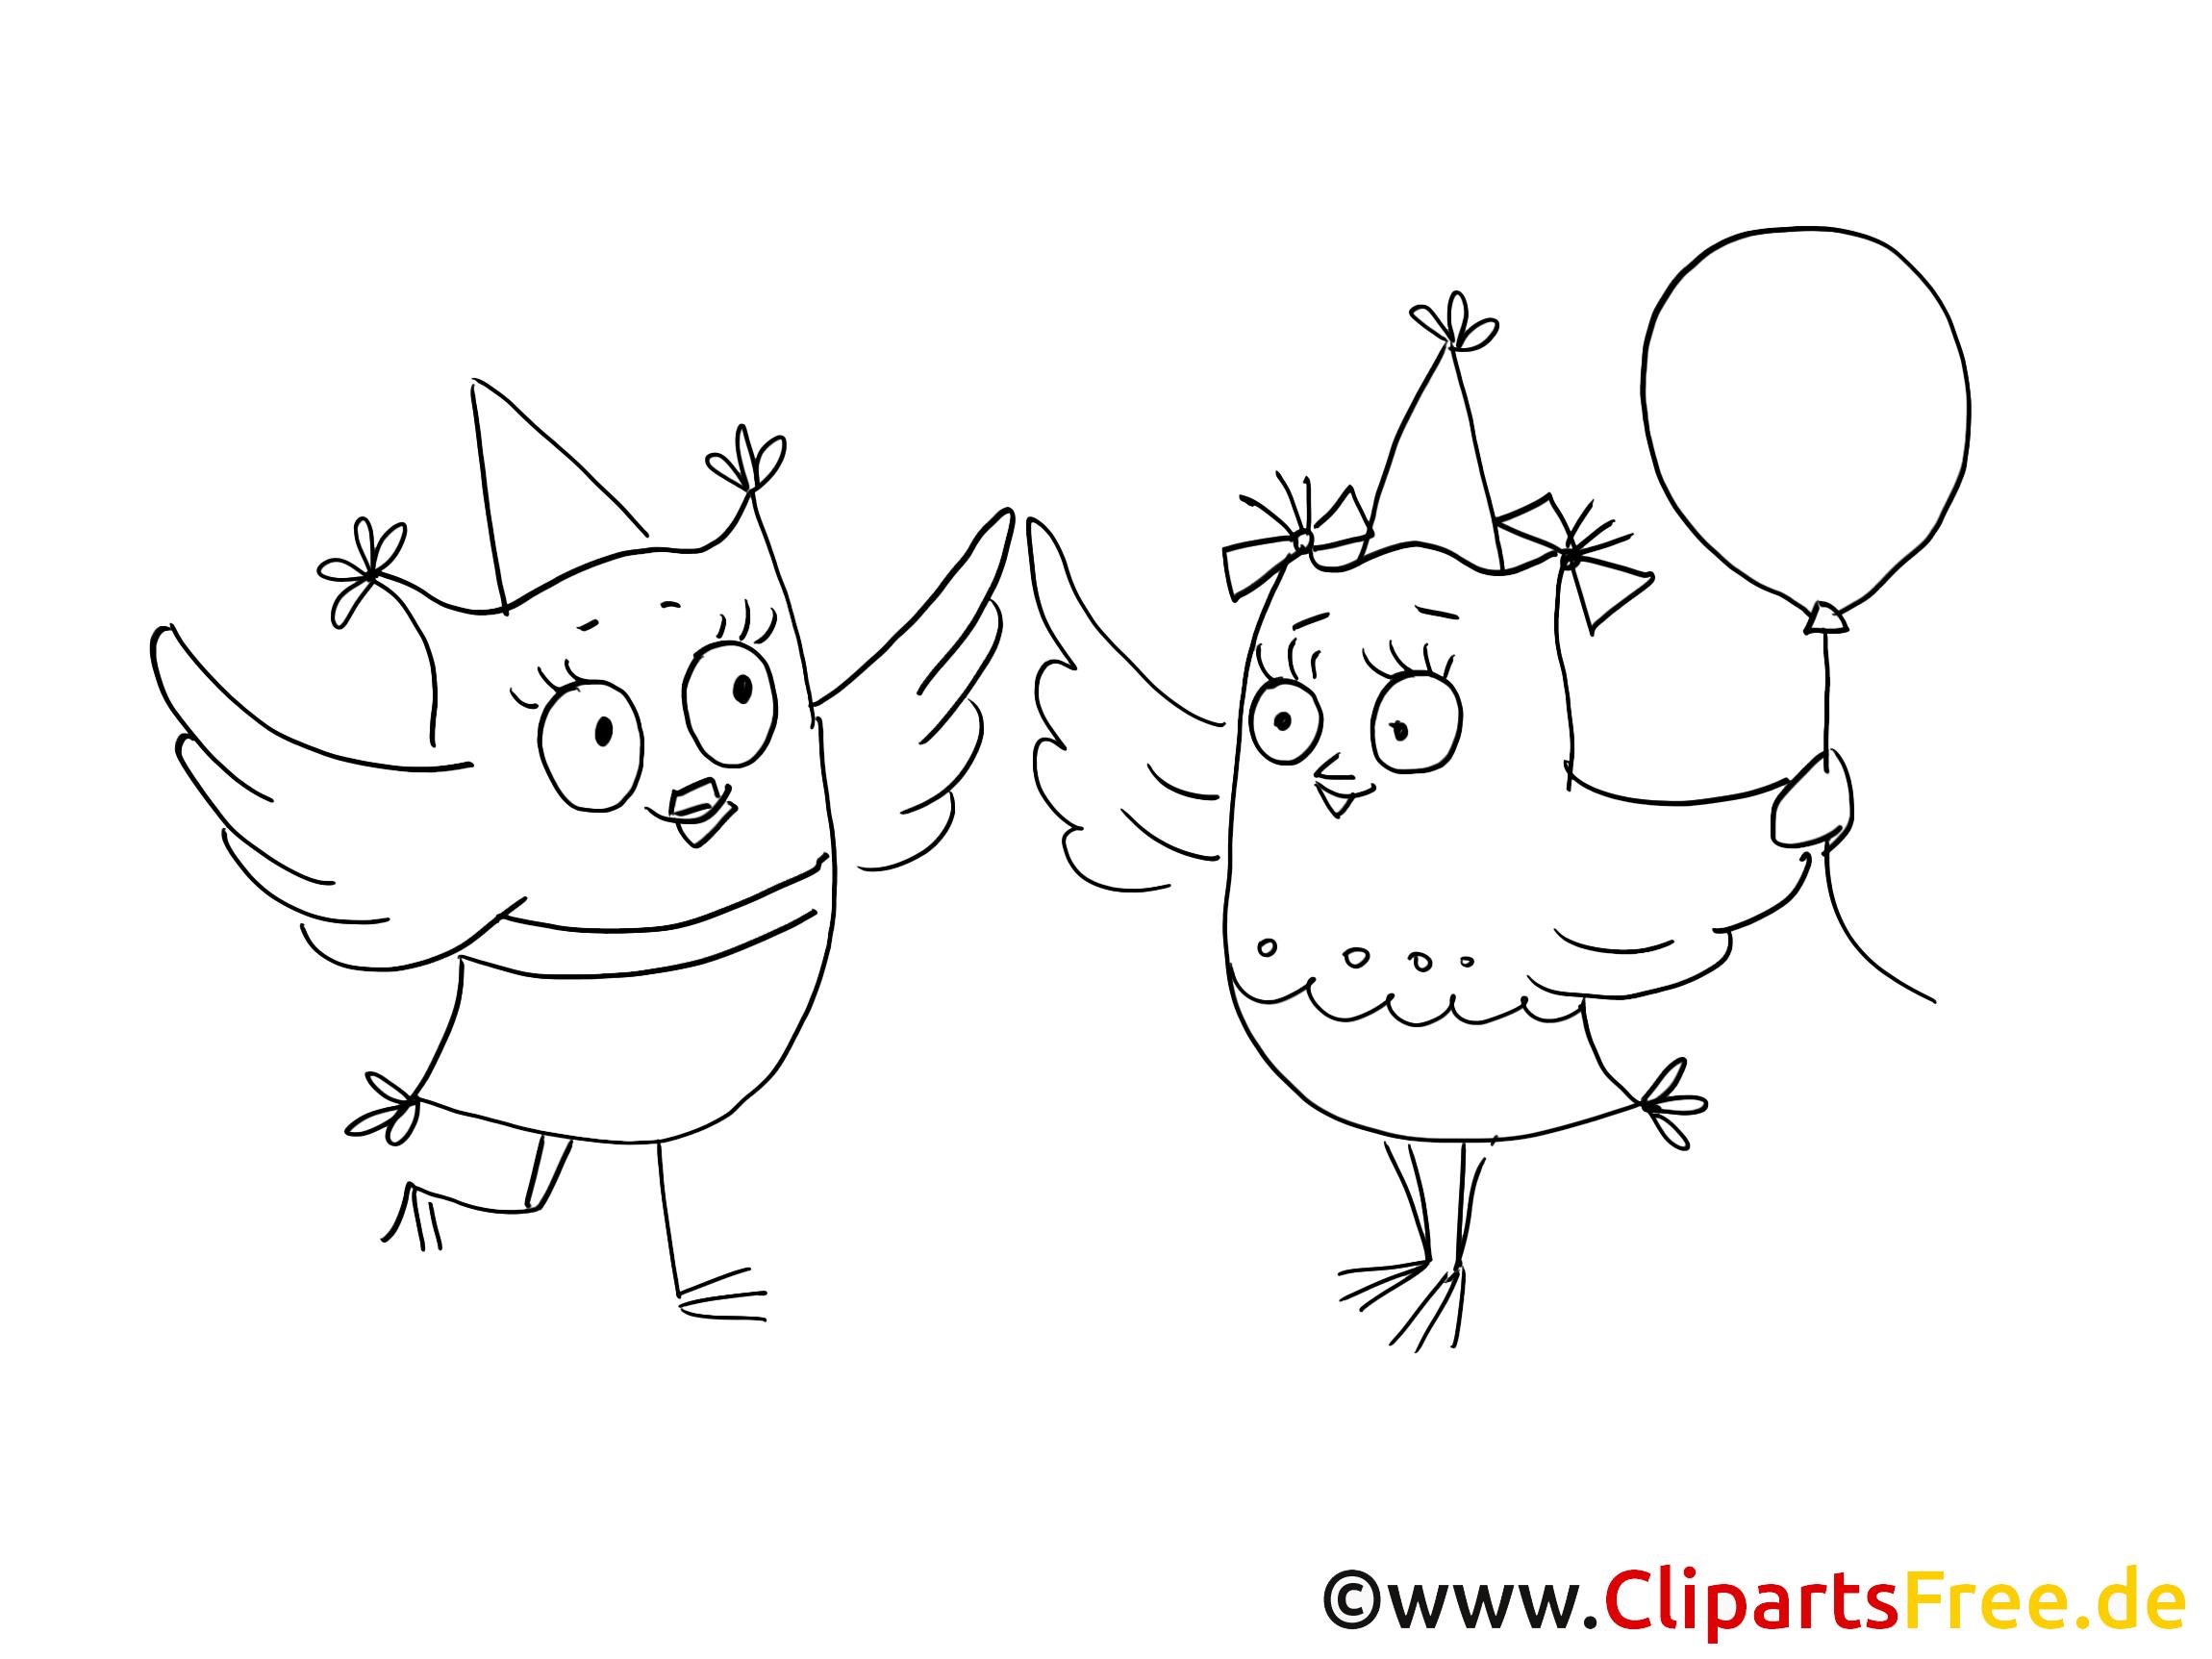 Hiboux dessins à colorier - Soiree clipart gratuit